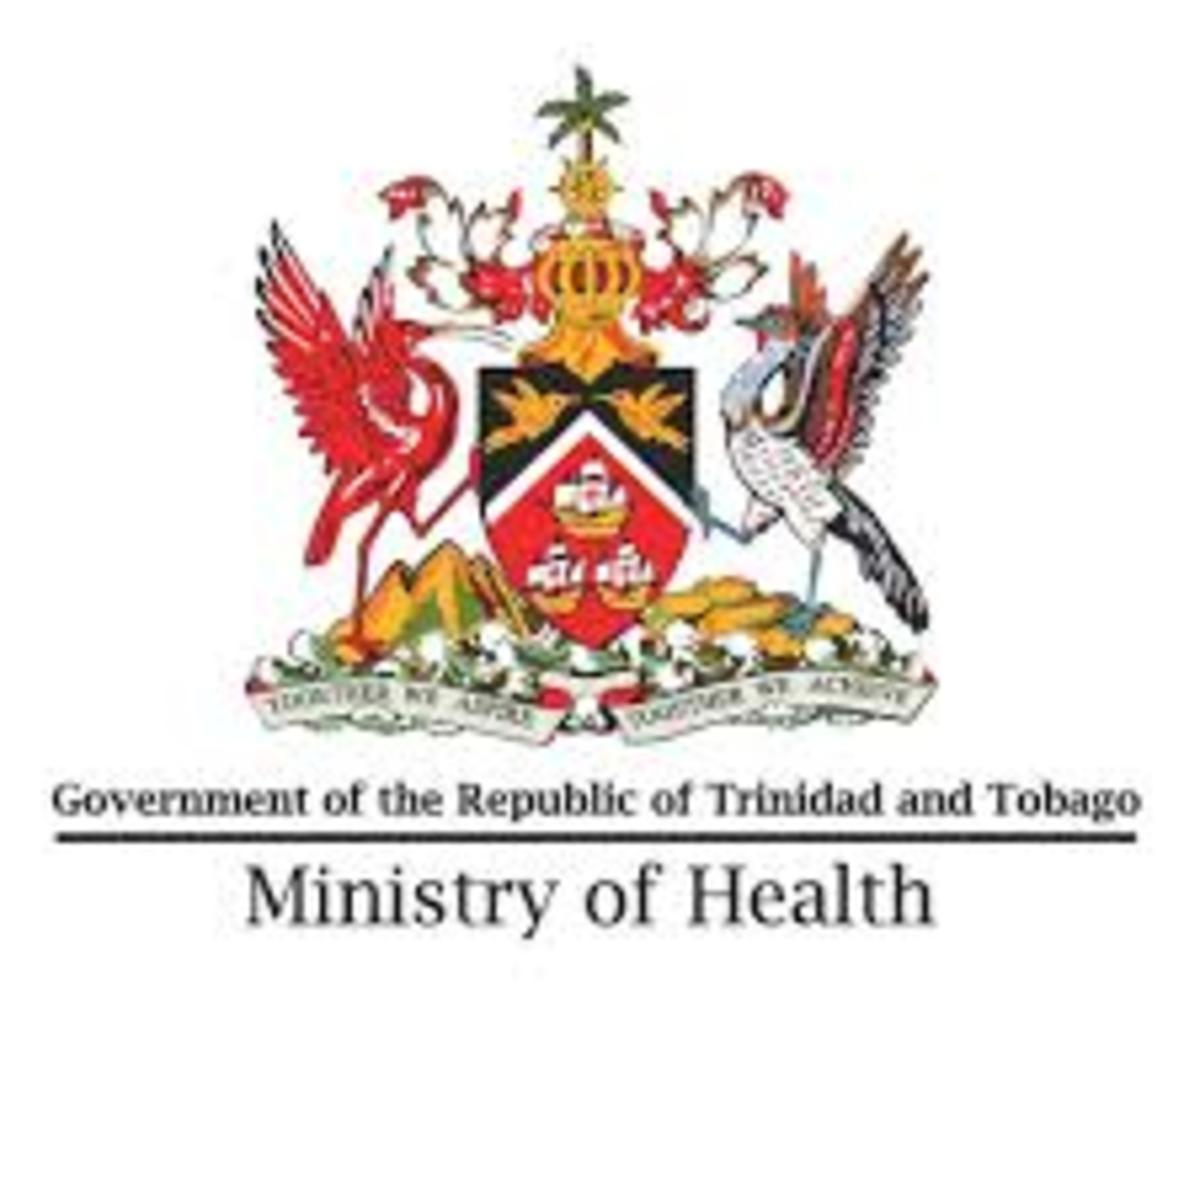 viral-illnesses-decrease-also-tb-outbreak